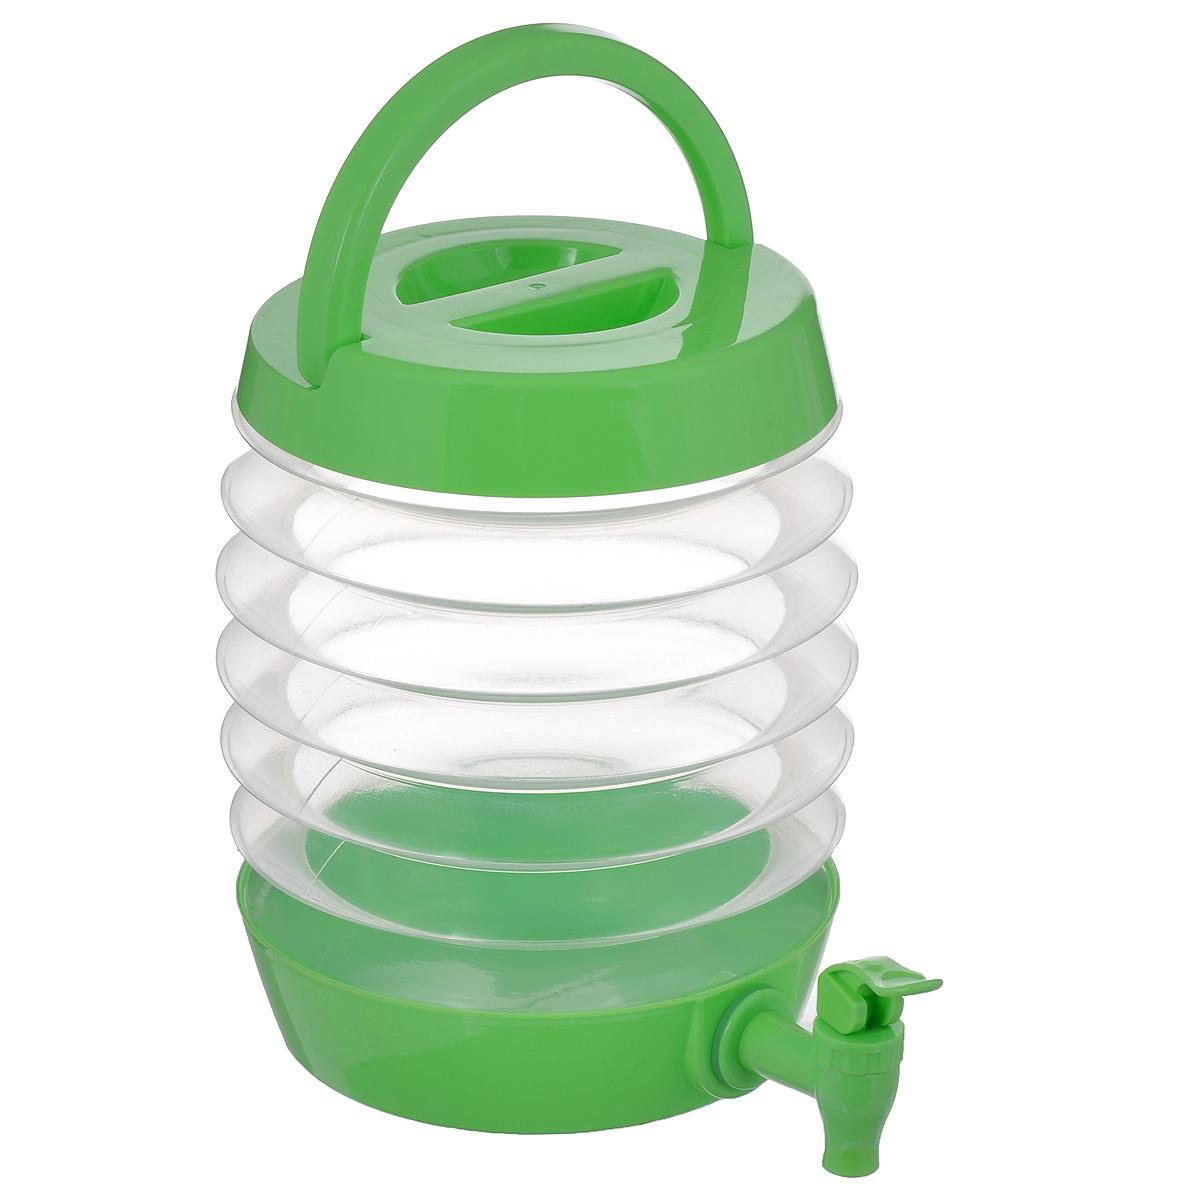 Емкость для напитков Bradex Бочонок, с дозатором, 3,5 лTK 0092Емкость для напитков Bradex Бочонок изготовлена из полипропилена, который выдерживает температуру до 120°С. Это прочный, износостойкий и абсолютно безопасный для здоровья материал. Дозатор, закрепленный на дне Бочонка, поможет вам не пролить ни капли мимо стакана, даже когда веселье в самом разгаре. Емкость вмещает в себя до 3,5 л. После использования сложите бочонок, его объемы уменьшатся на 50%, поэтому он не займет много места у вас на кухне или в рюкзаке. Бочонок - самый лучший выбор для пикников, вечеринок и походов.